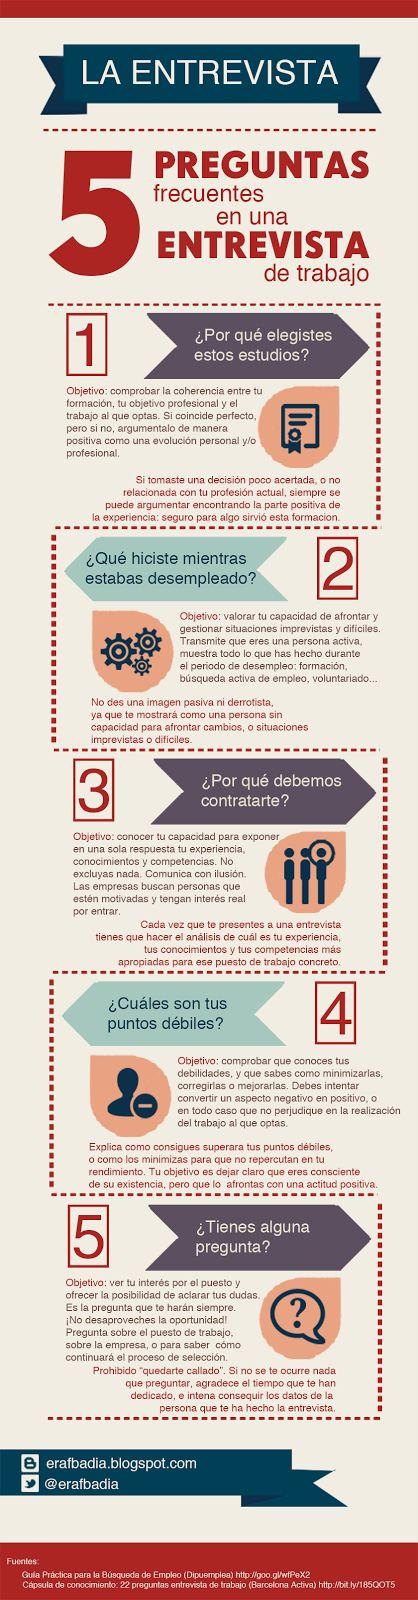 5 preguntas frecuentes en una entrevista de trabajo #infografia #infographic #empleo: